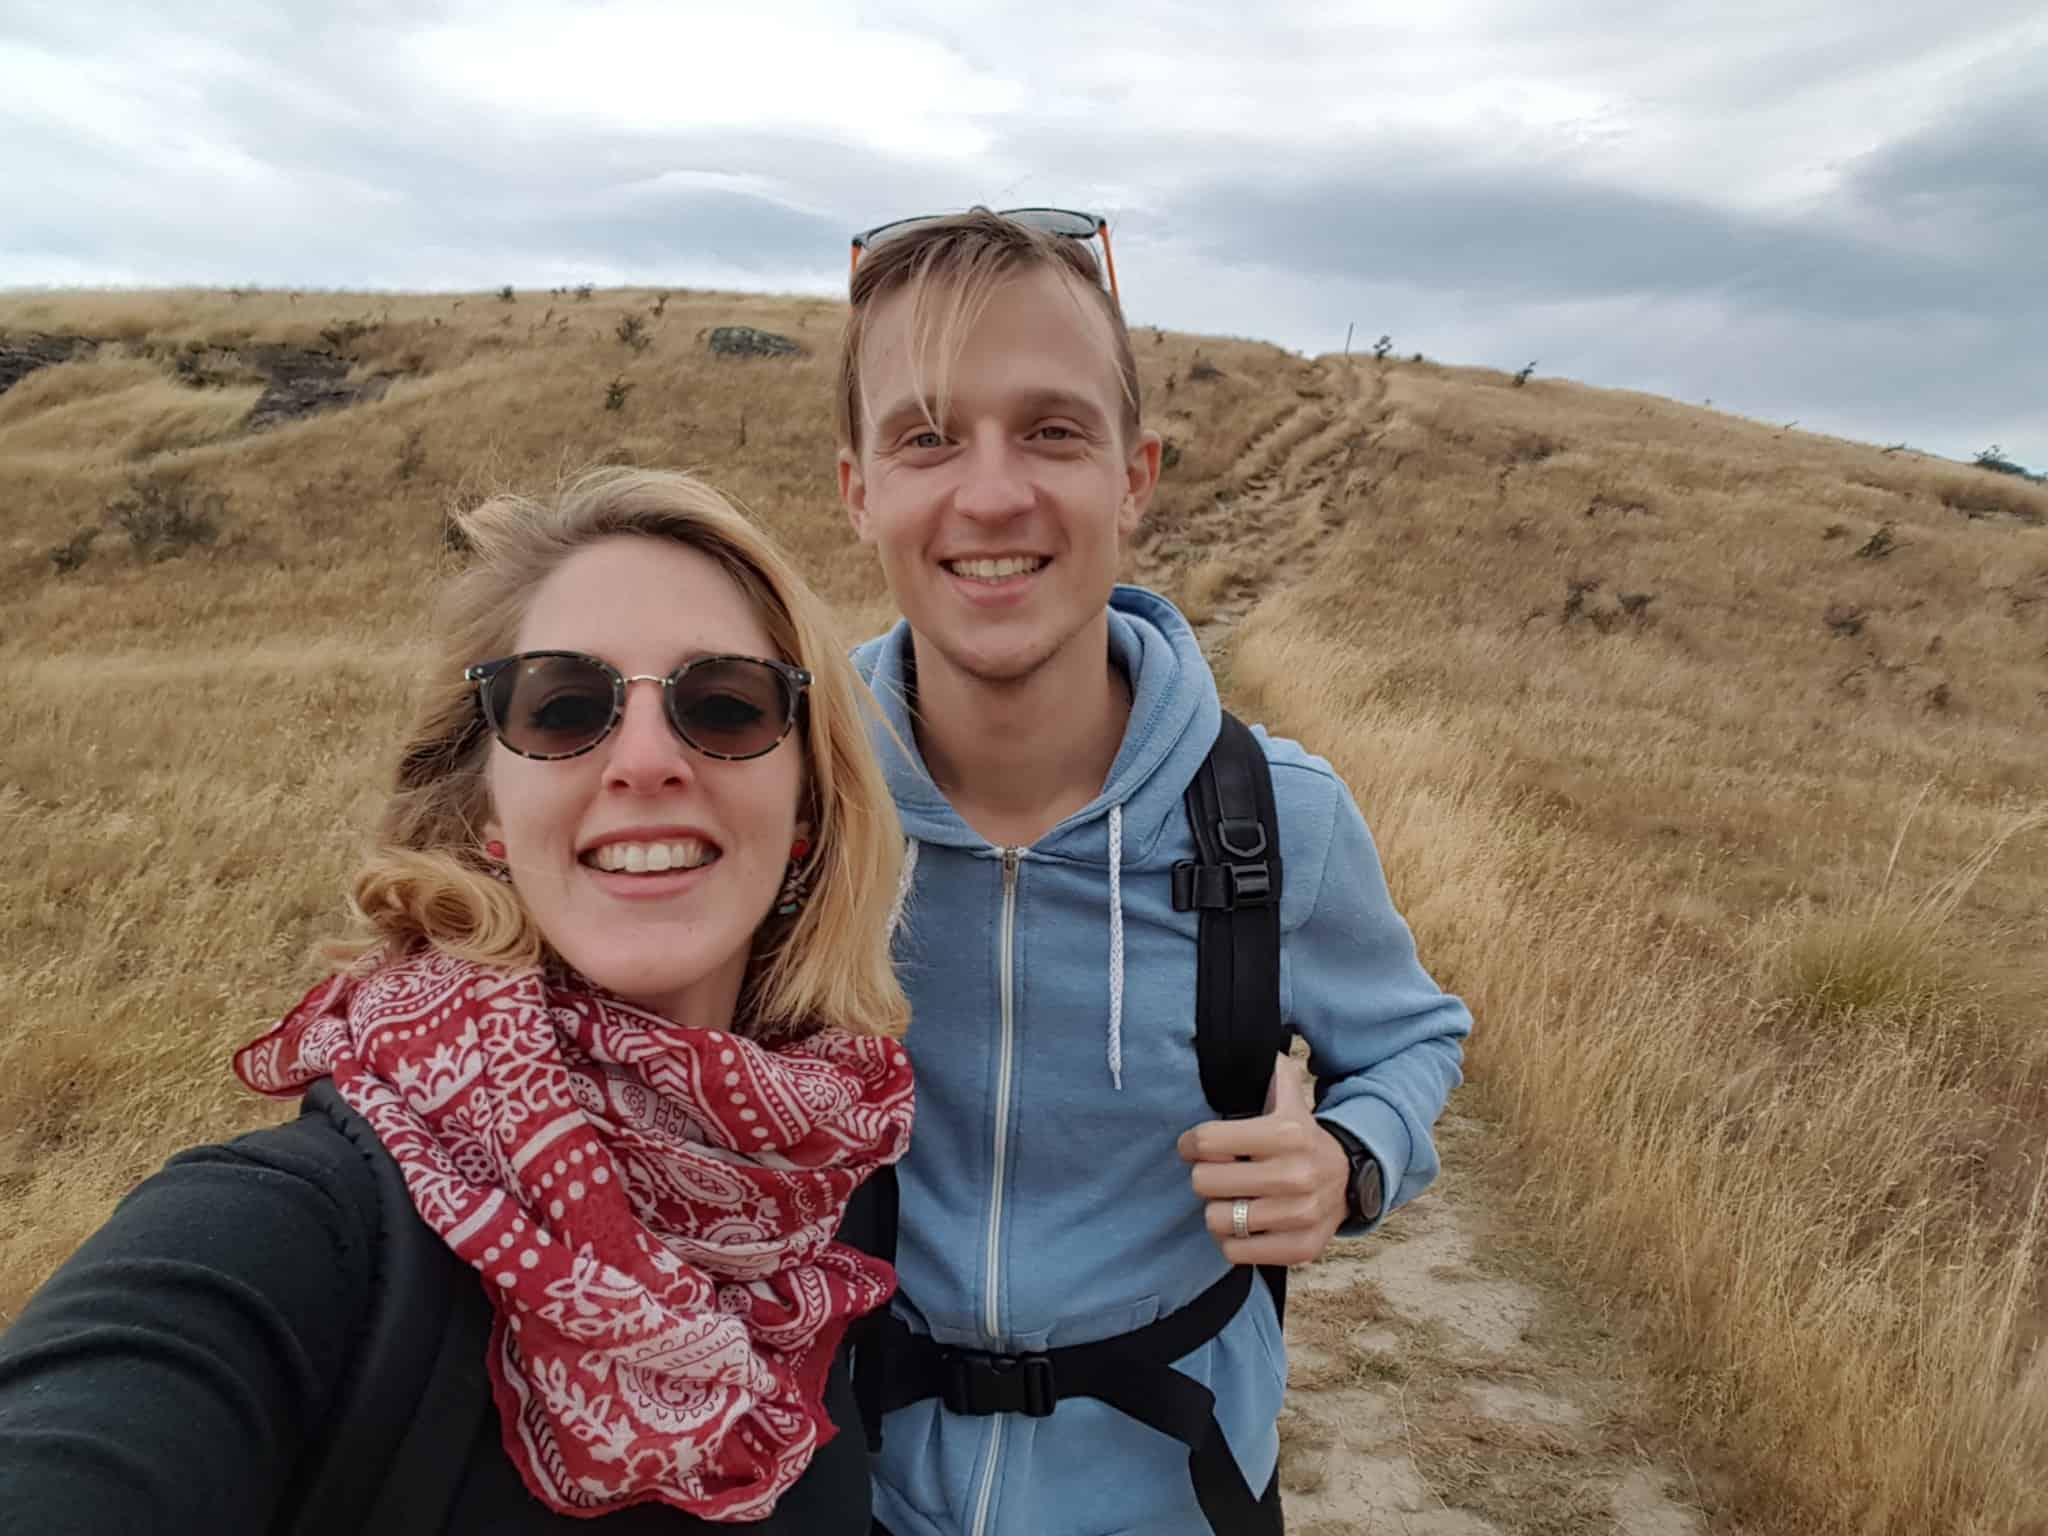 Nouvelle-Zélande, la Rocky Mountain Track une randonnée méconnue des touristes 🤩 22